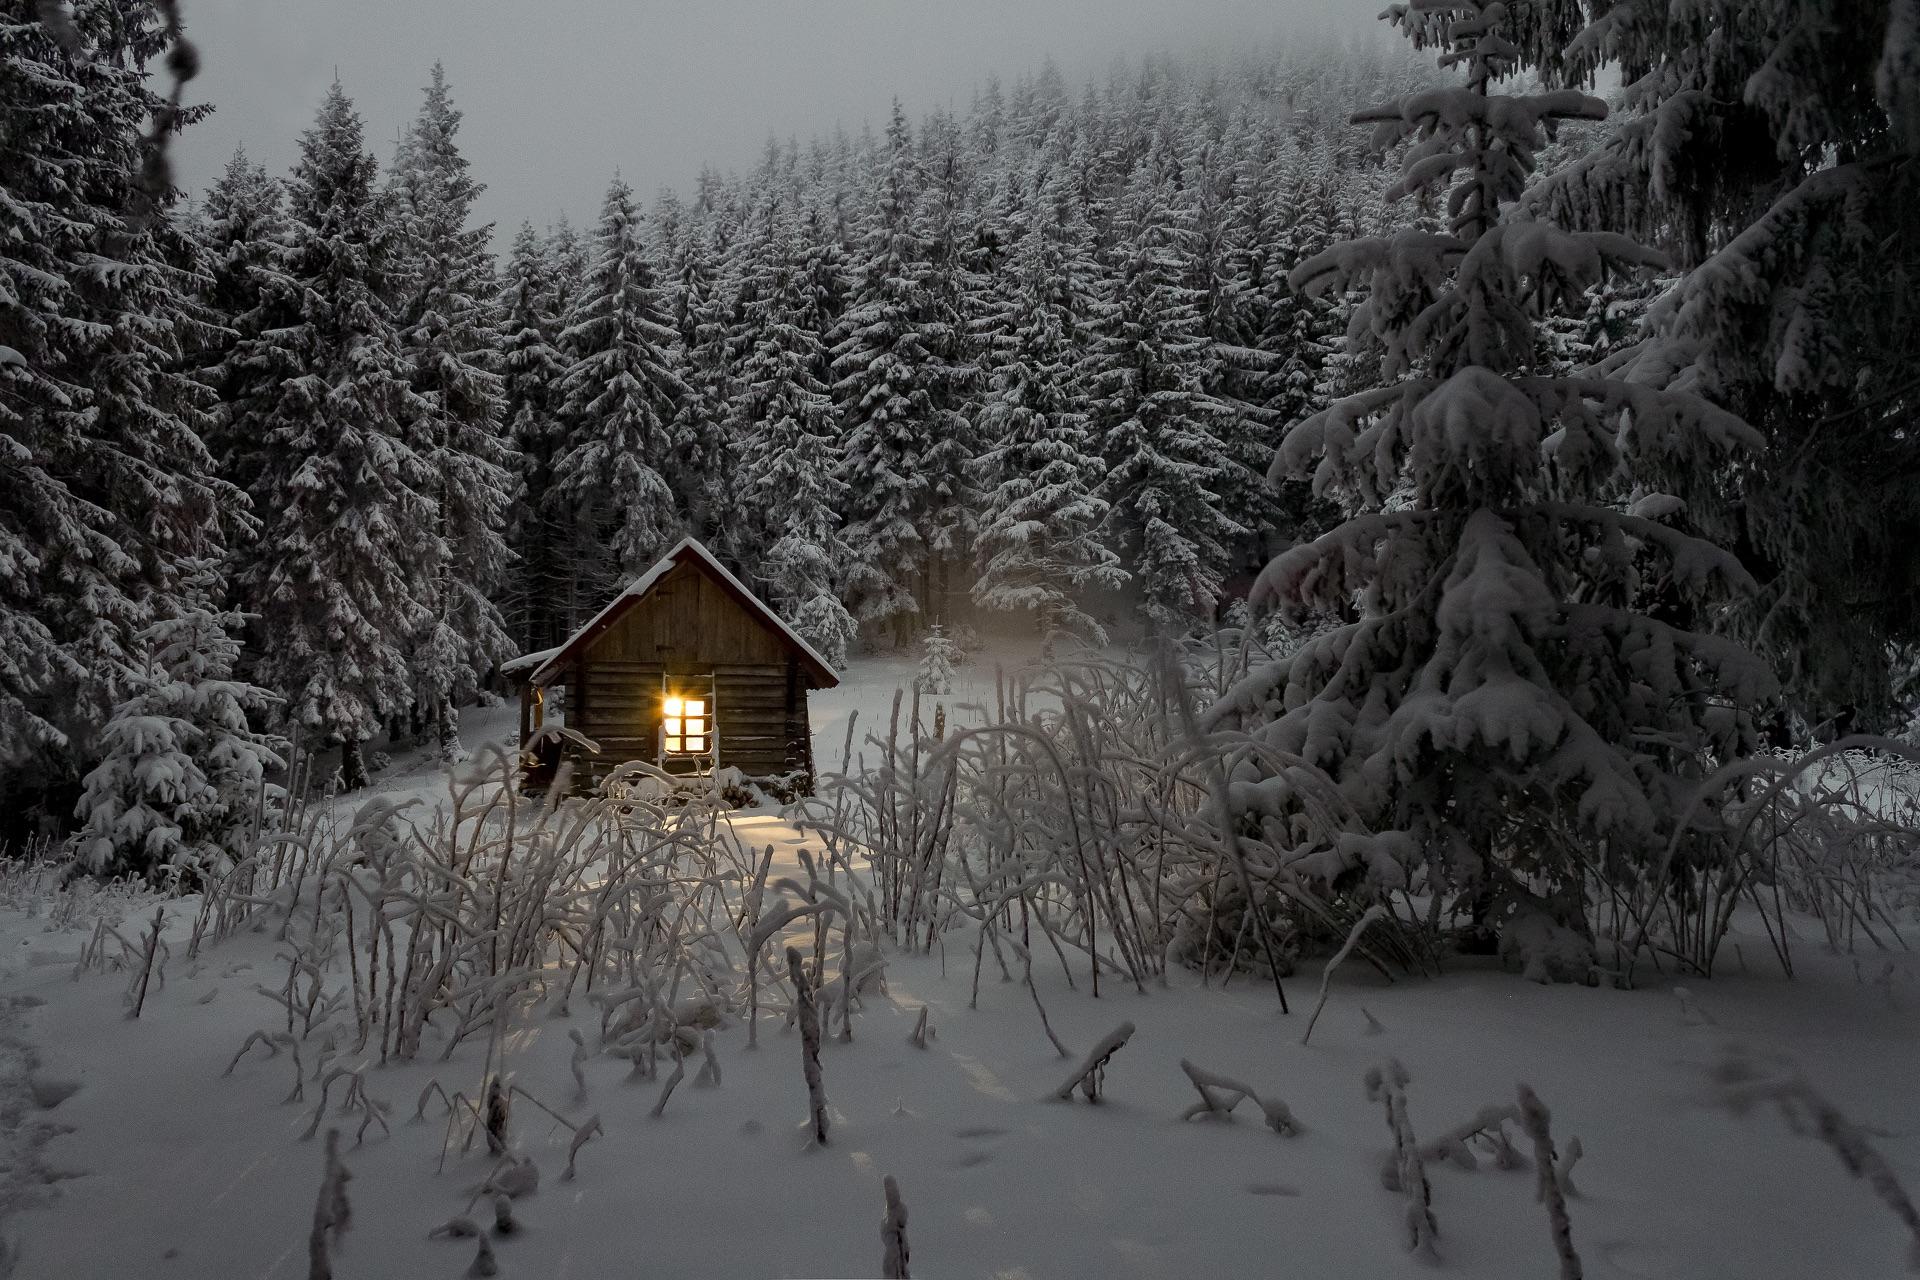 если автомобили избушка в лесу картинки зима нагрузка равномерно распределялась